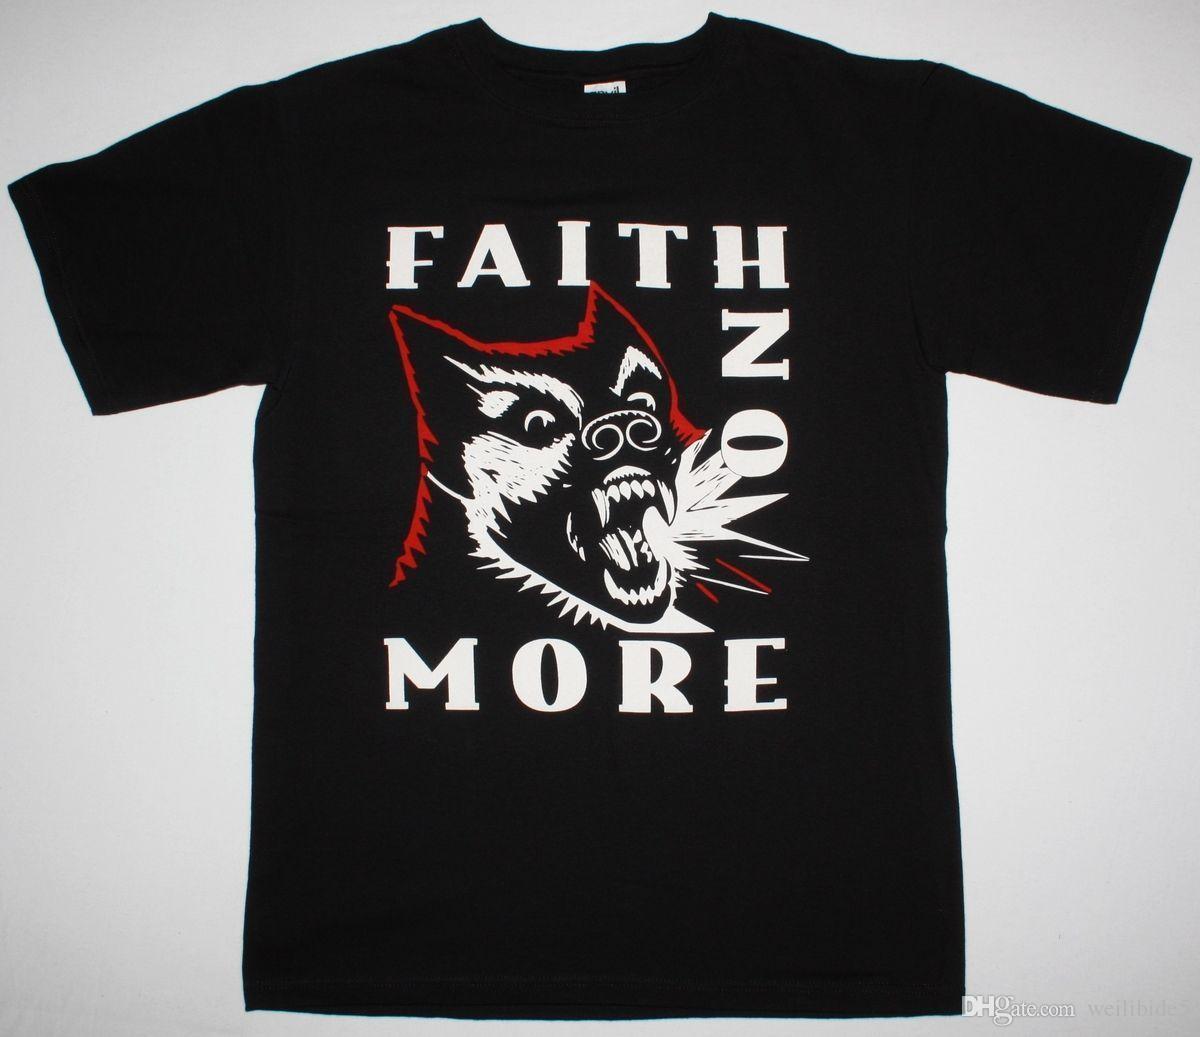 Acheter Faith No More Digging La Grave Mike Patton Mr.Bungle Fantomas  Nouveau T Shirt Noir T Shirt À Manches Courtes En Coton D été De  10.98 Du  Weilibide5 ... 3dc0bf679ce